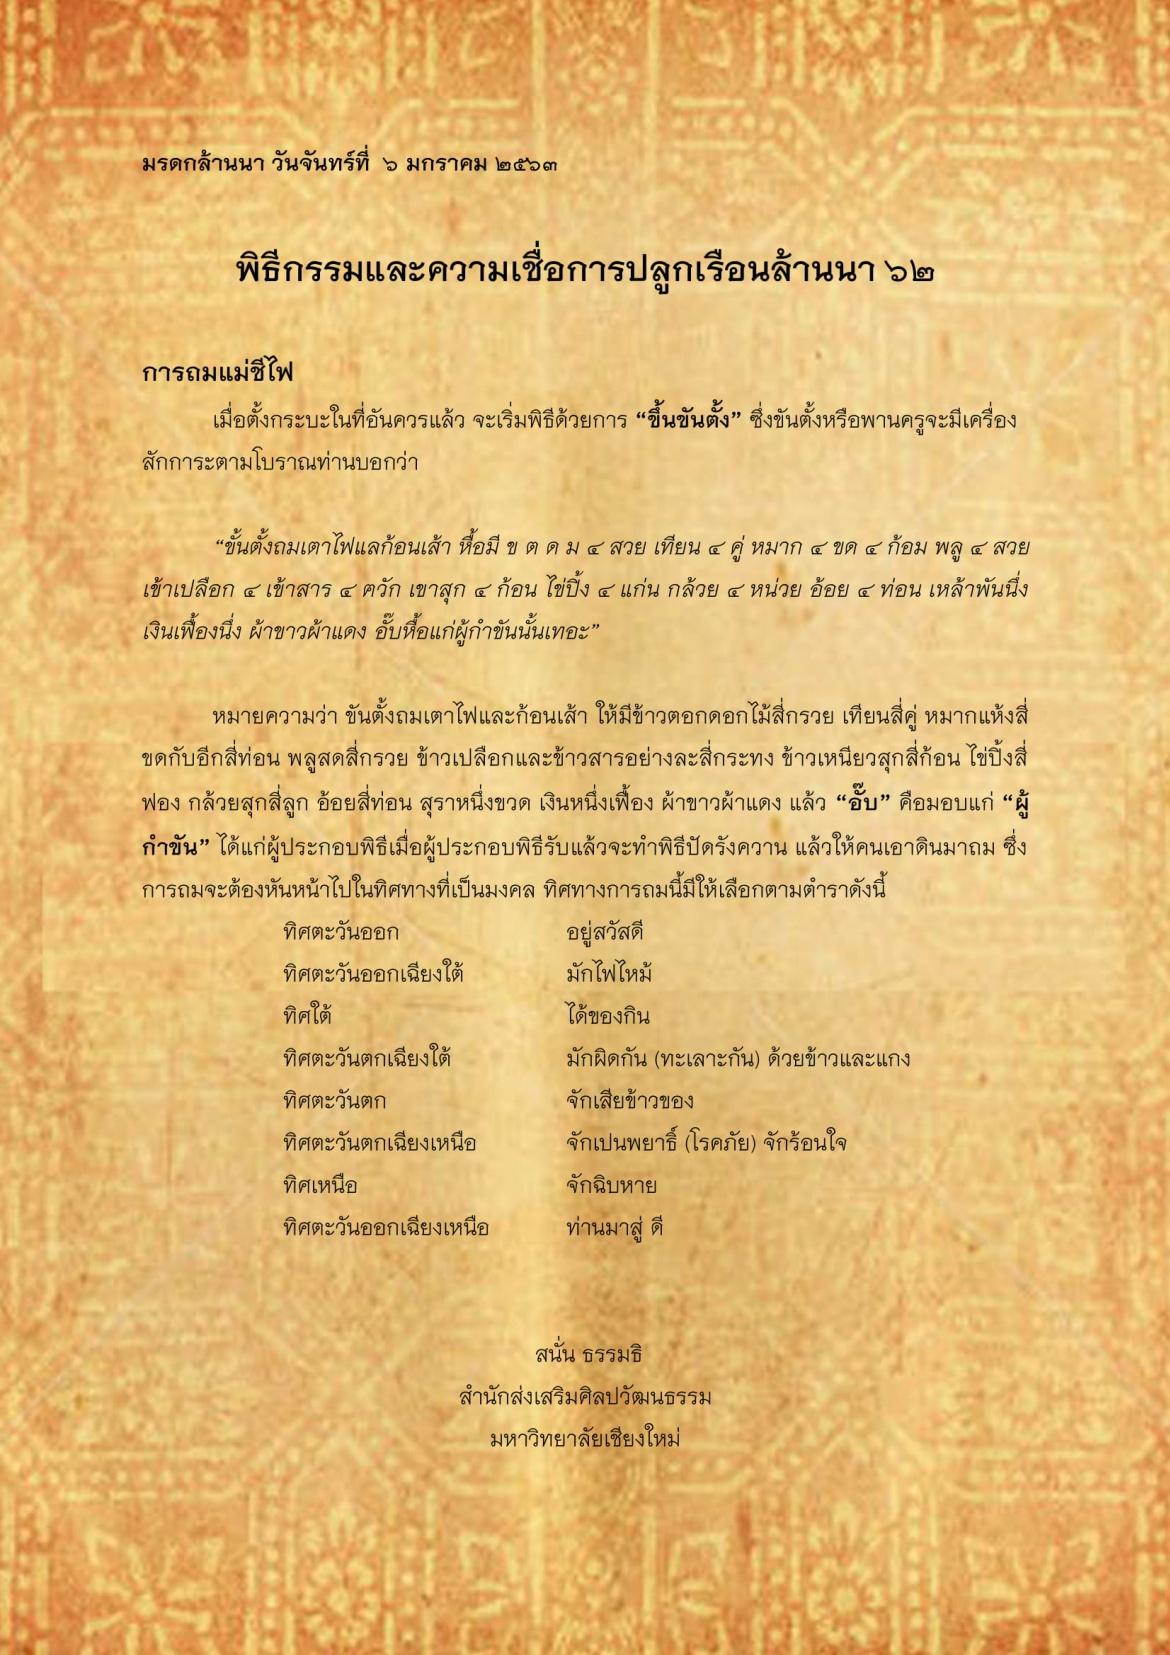 พิธีกรรมเเละความเชื่อการปลูกเรือนล้านนา(62) - 6 มกราคม 2563